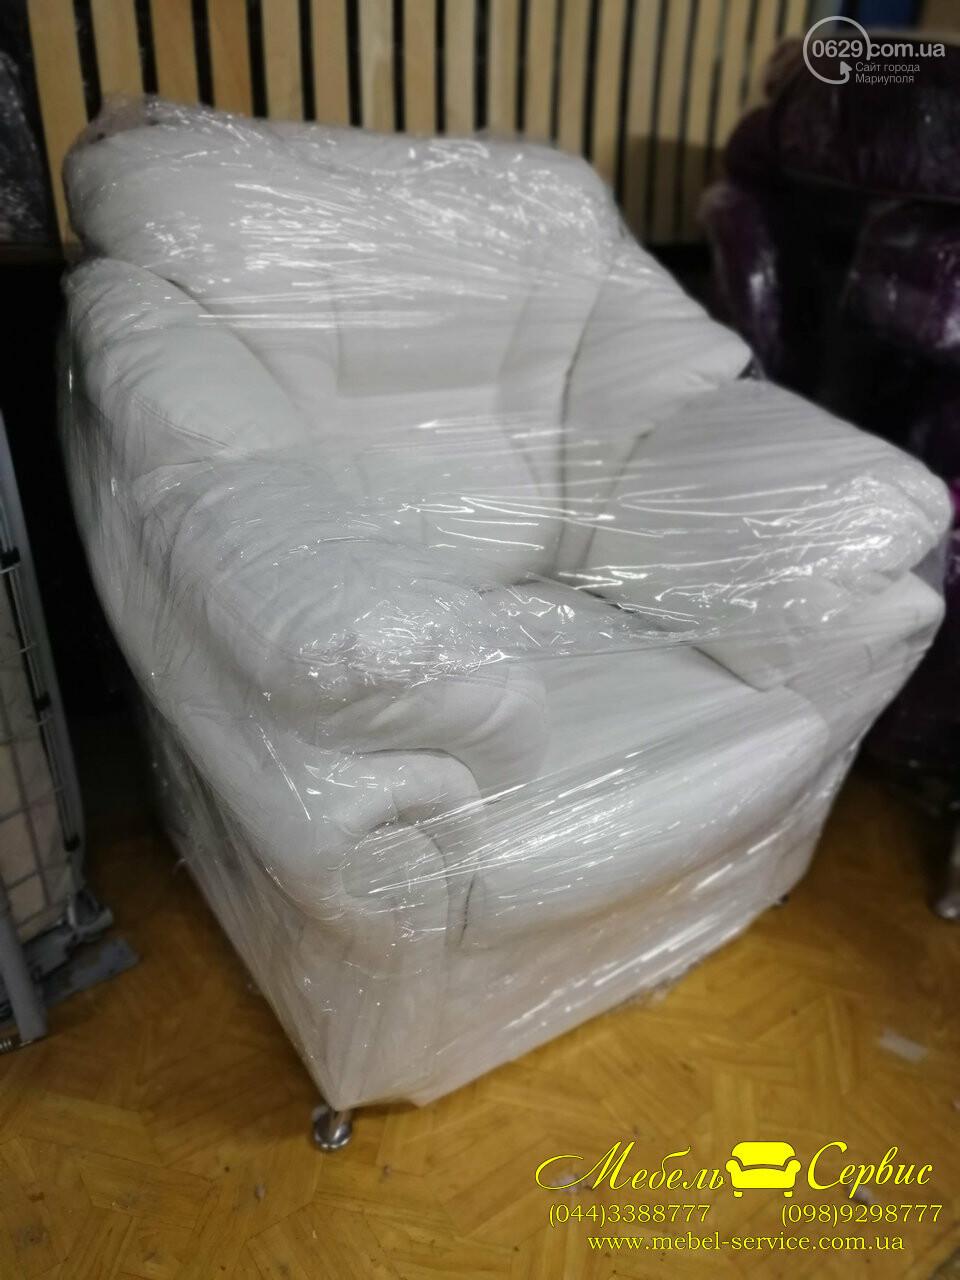 Мебельная фабрика «Мебель-Сервис» Киев – ремонт и производство мебели, фото-2